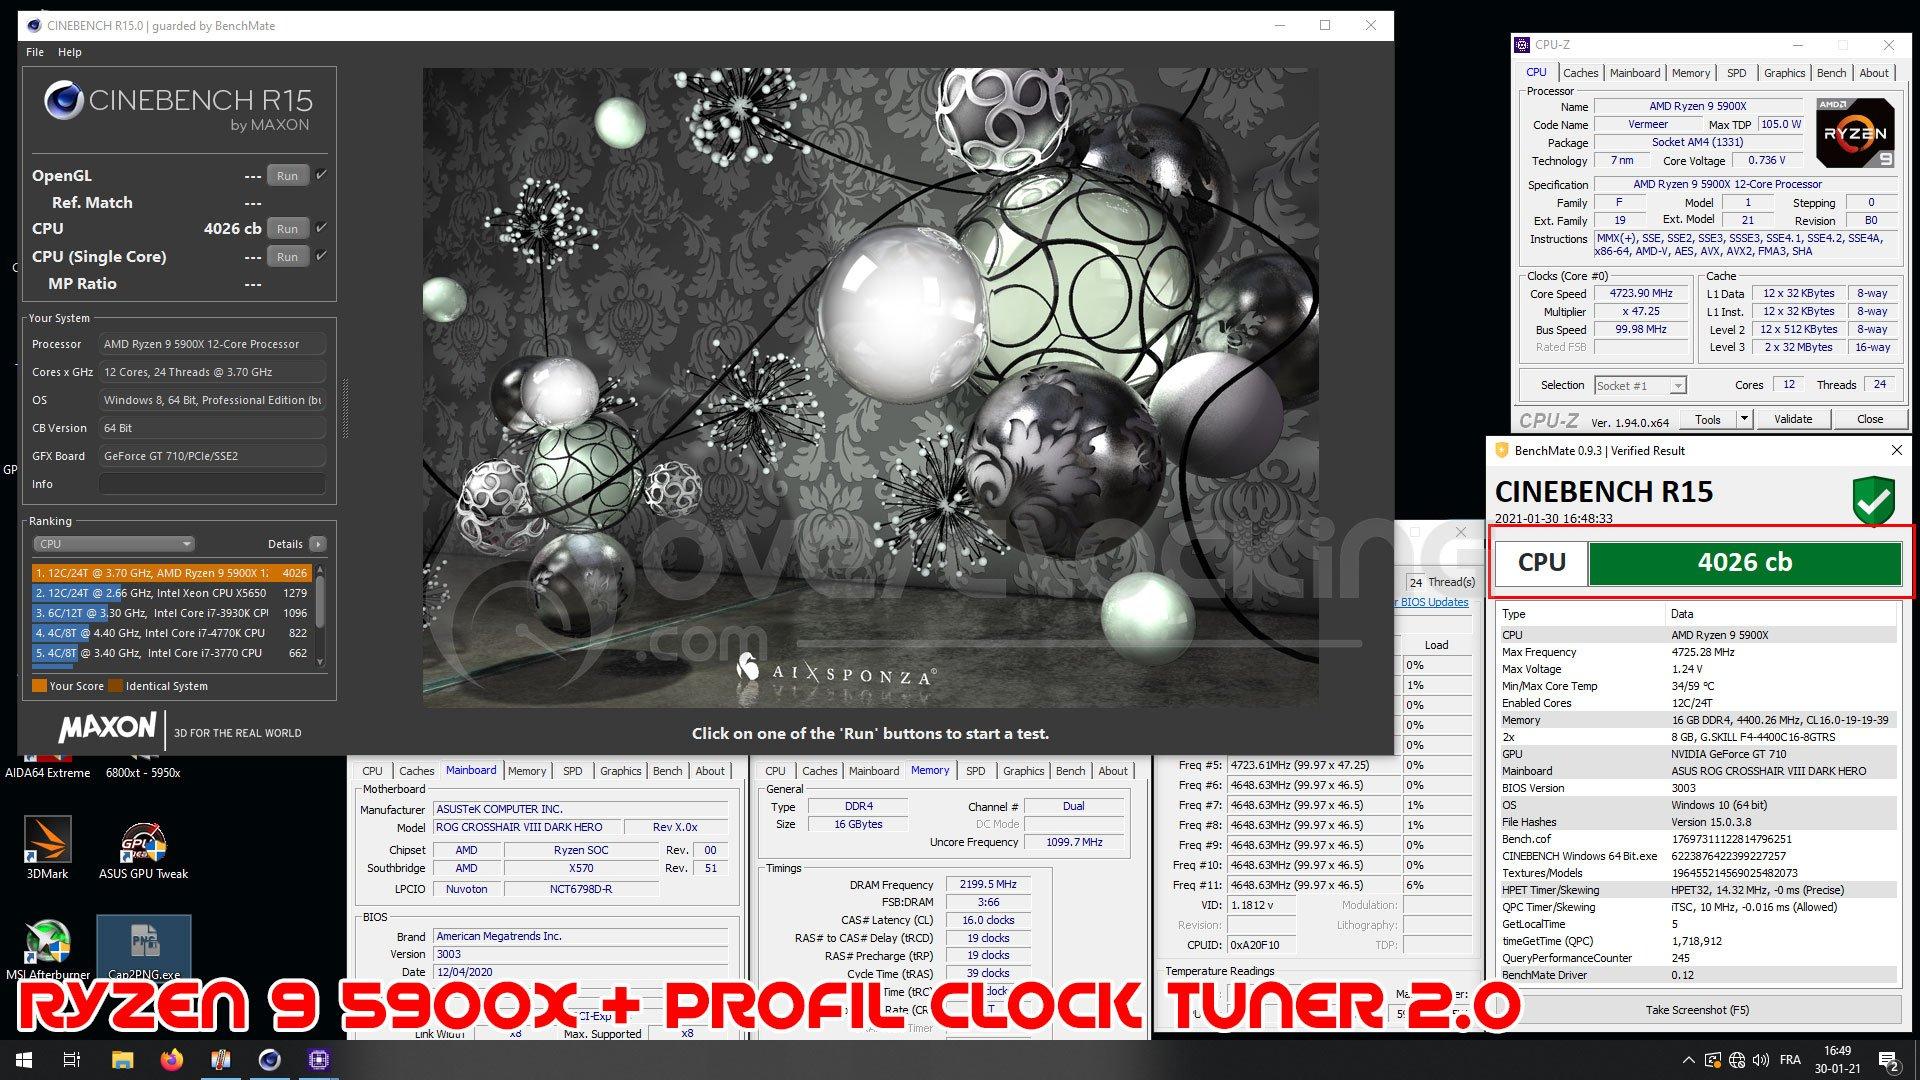 Résultats OC Clock Tuner 2.0